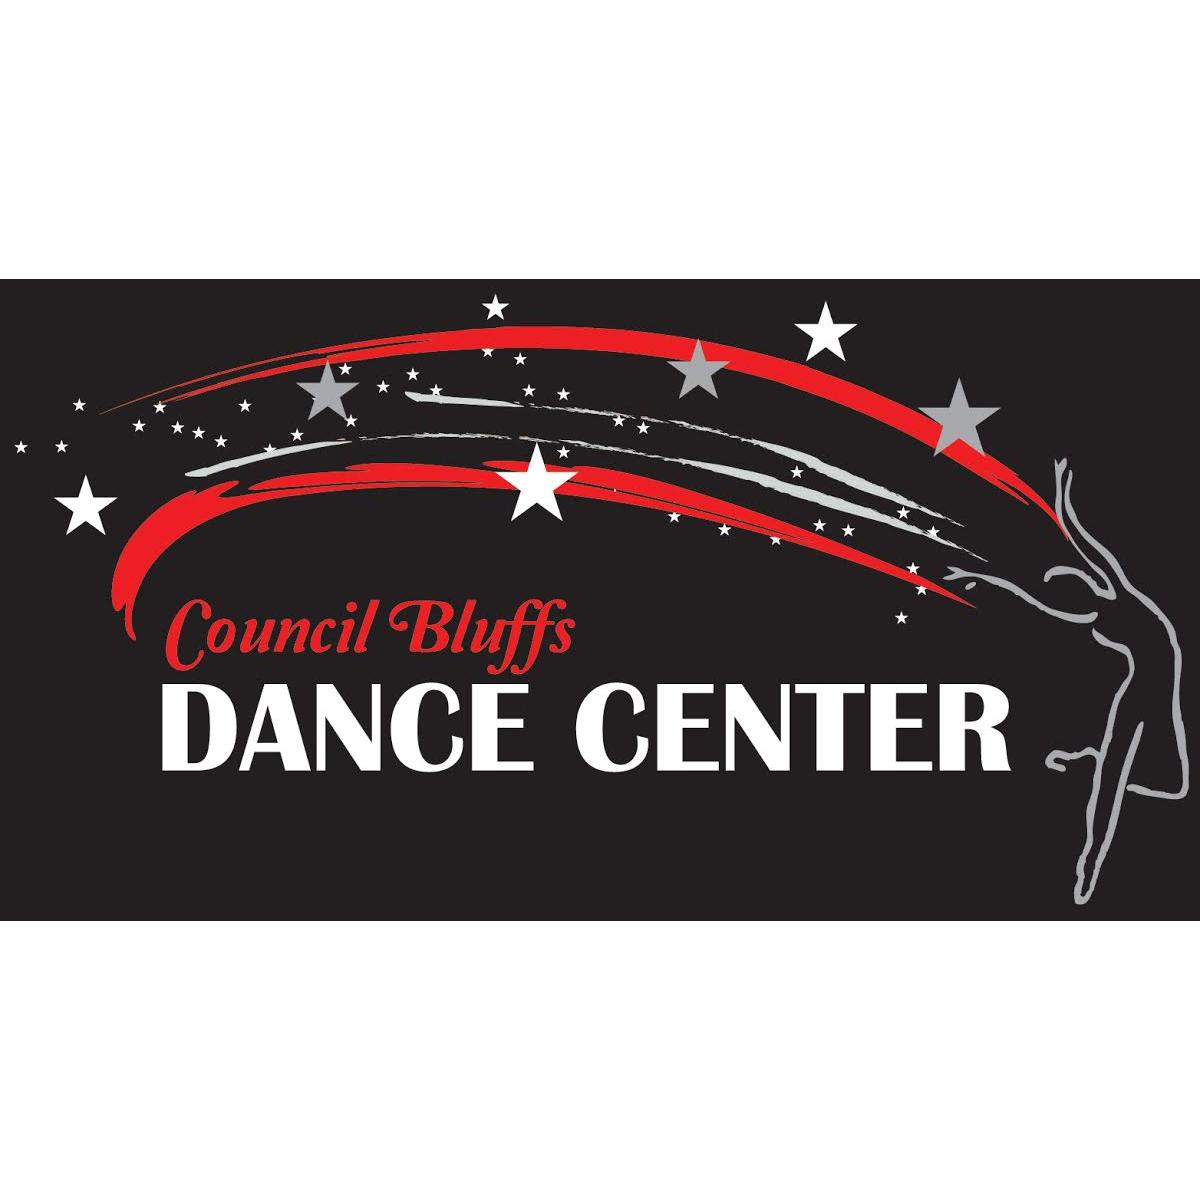 Council Bluffs Dance Center